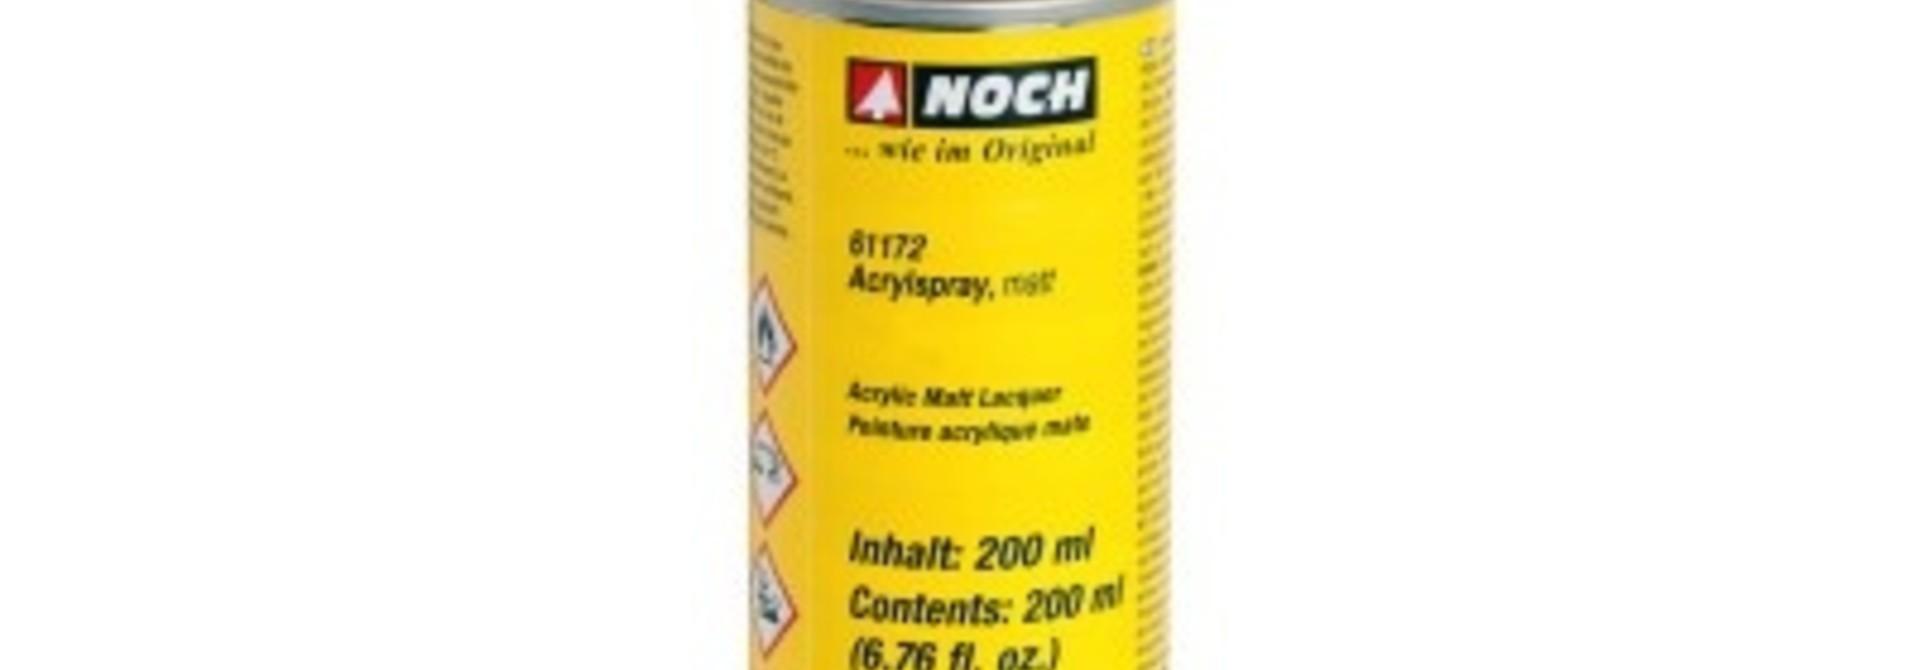 61172 Acrylspray, matt, ocker